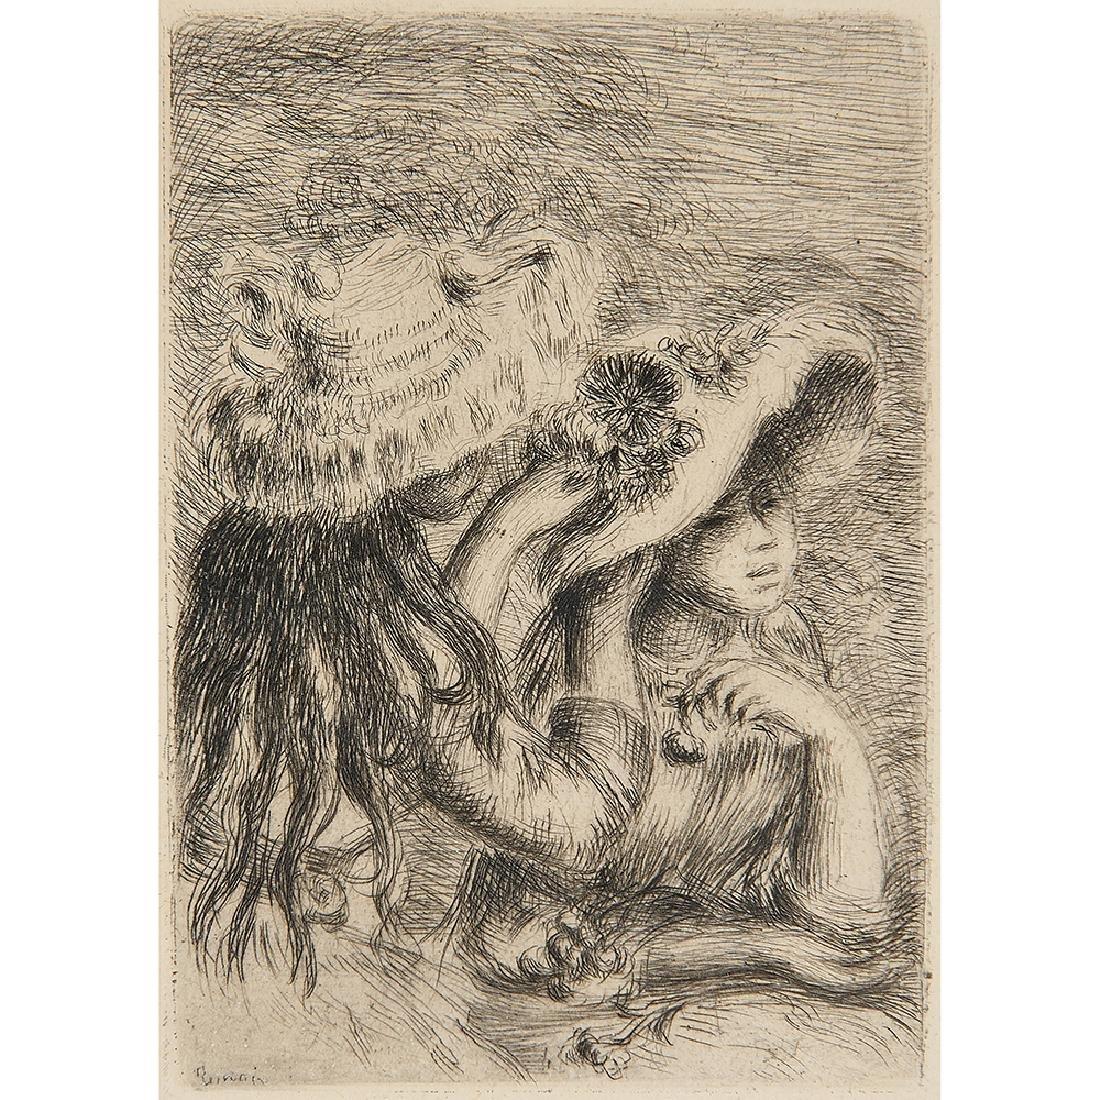 Pierre-Auguste Renoir, Le Chapeau Epingle